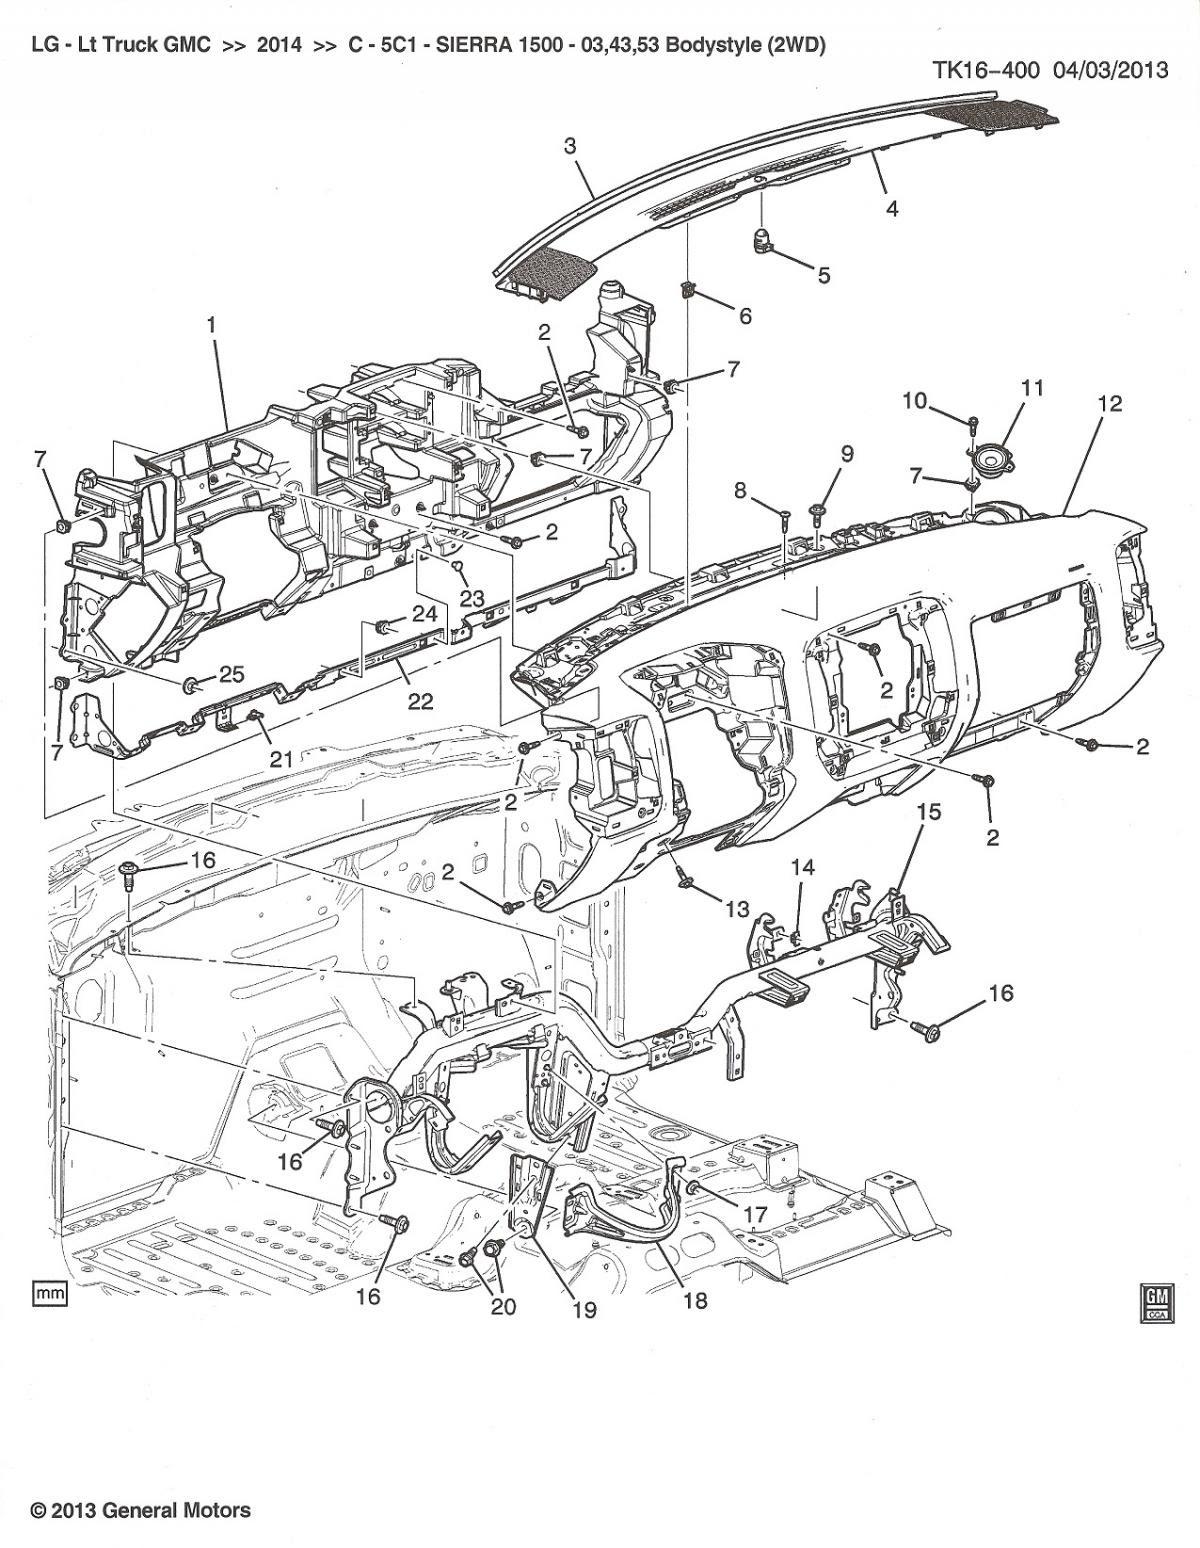 2010 Chevy Silverado Parts Diagram 2000 Ford Ranger Fuse Diagram Bege Wiring Diagram